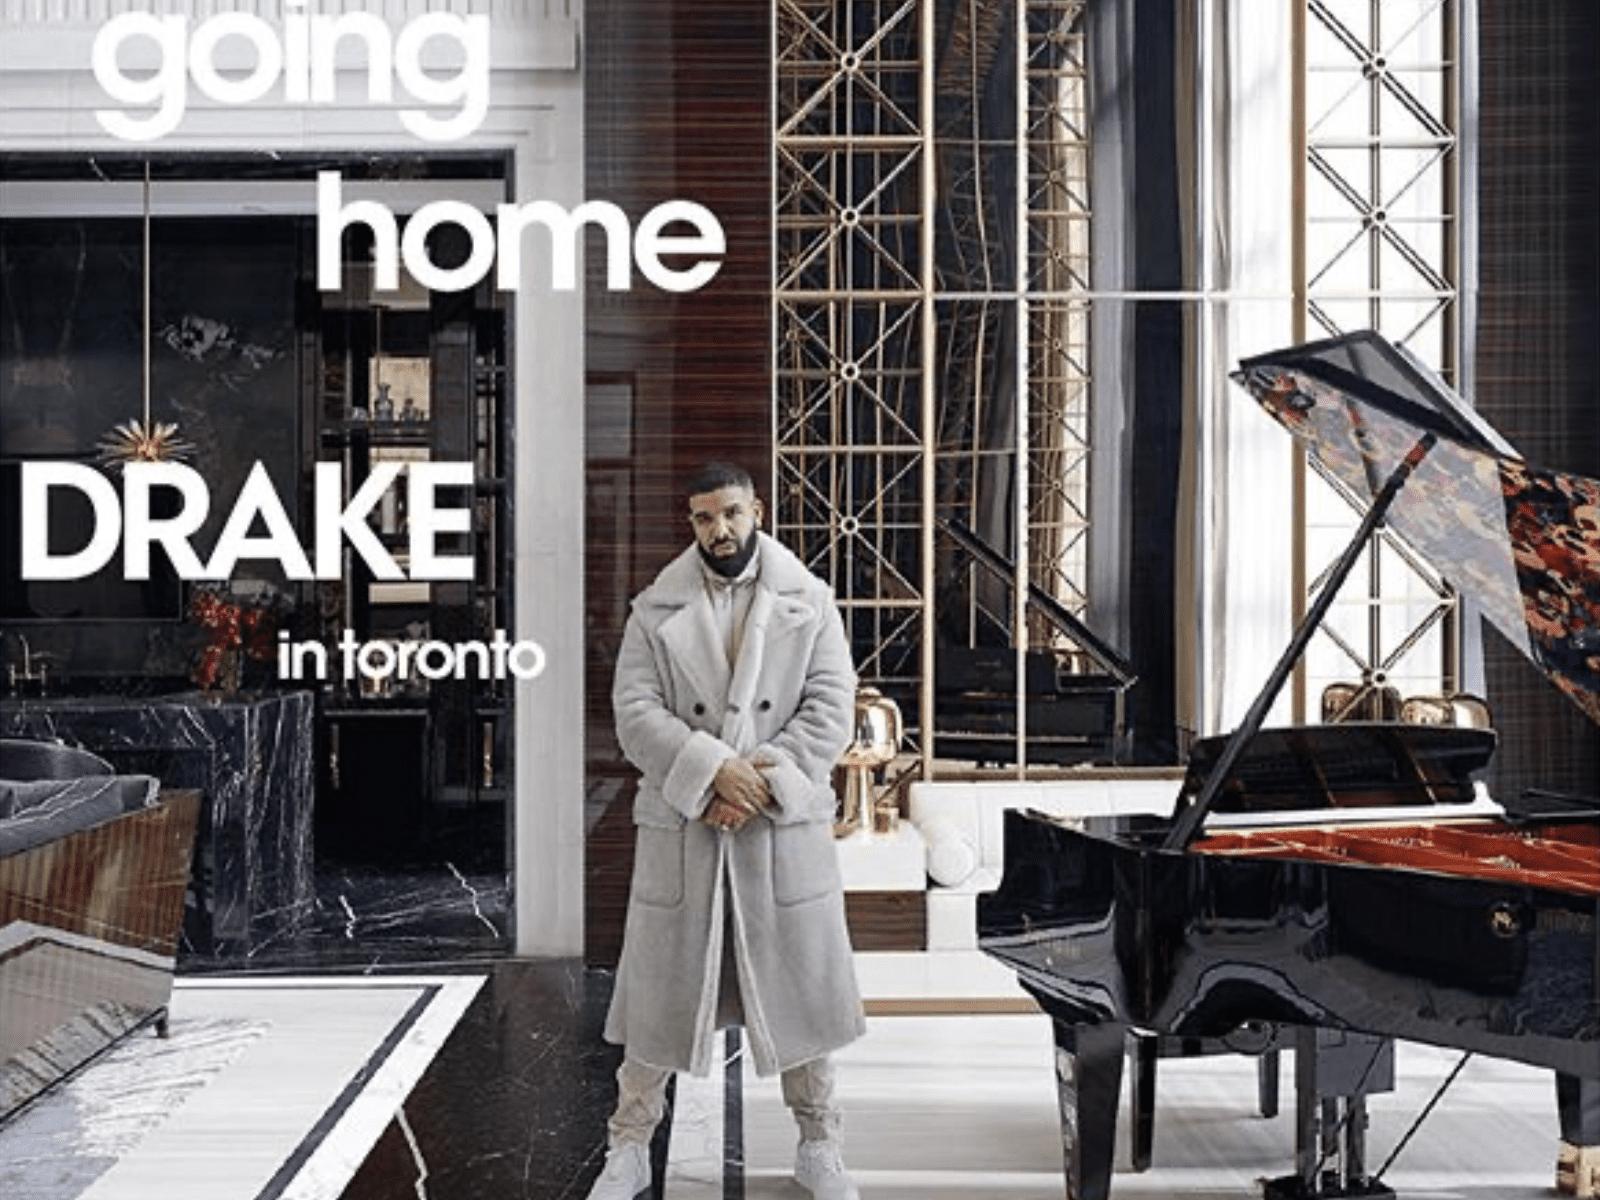 Drake reveals Toronto mansion